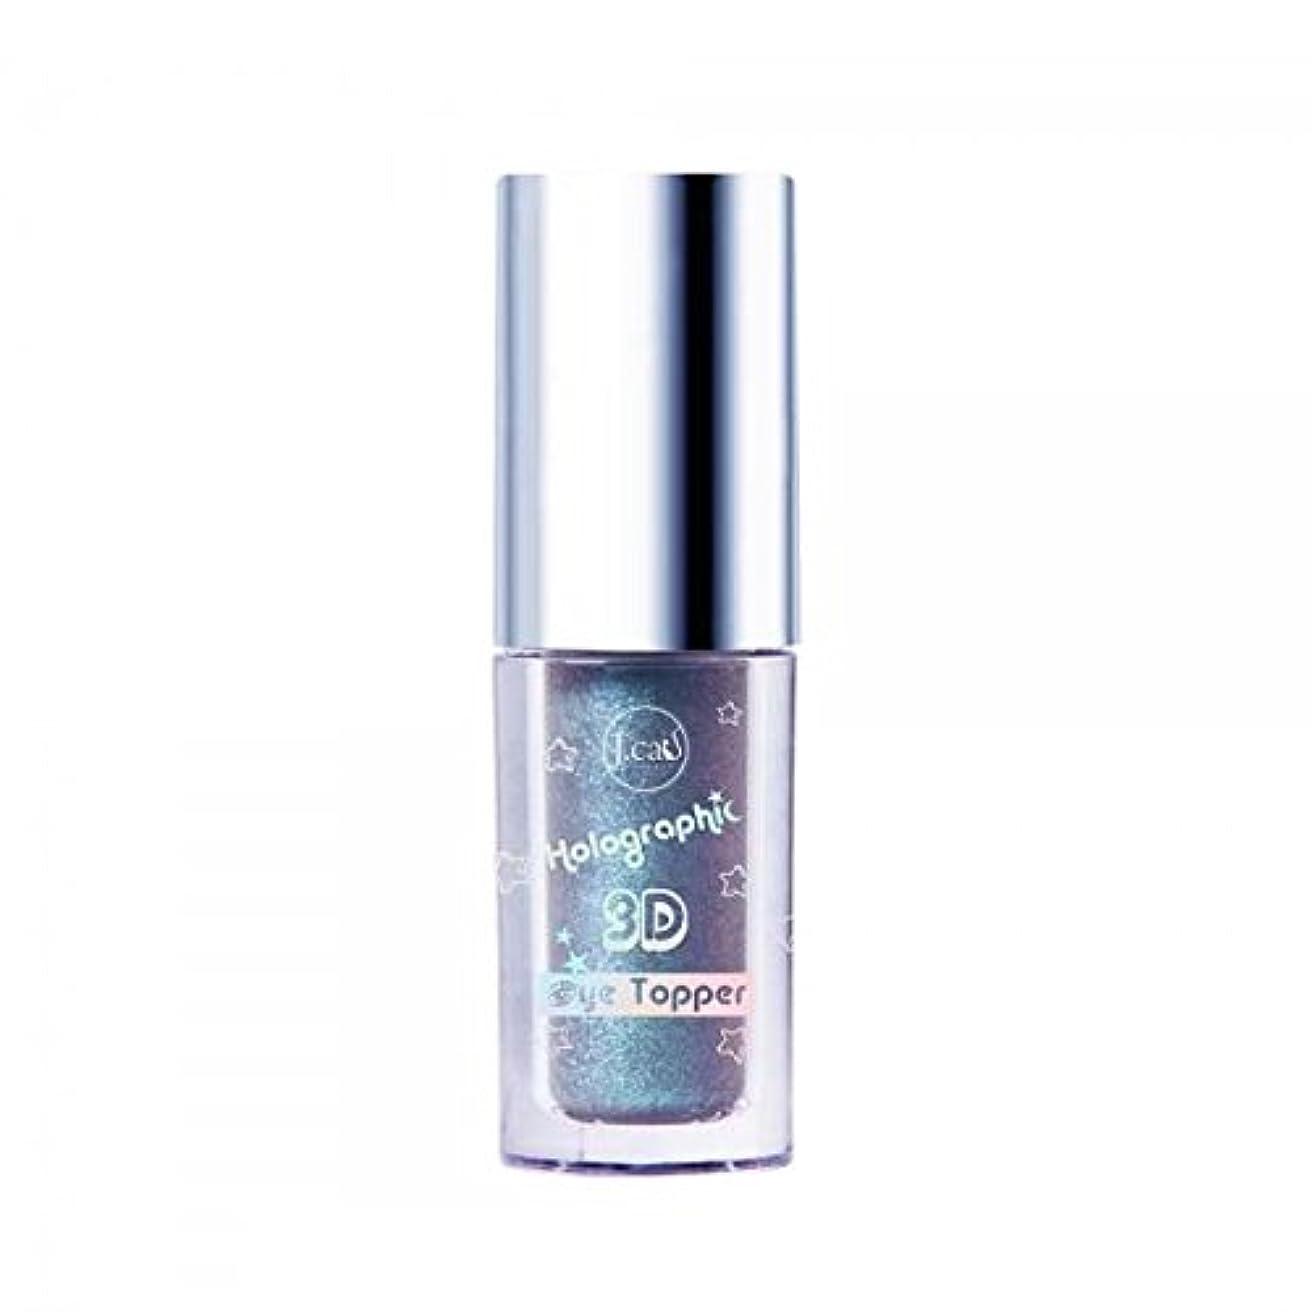 フェミニン不利益運命的な(3 Pack) J. CAT BEAUTY Holographic 3d Eye Topper - Azul Lemonade (並行輸入品)